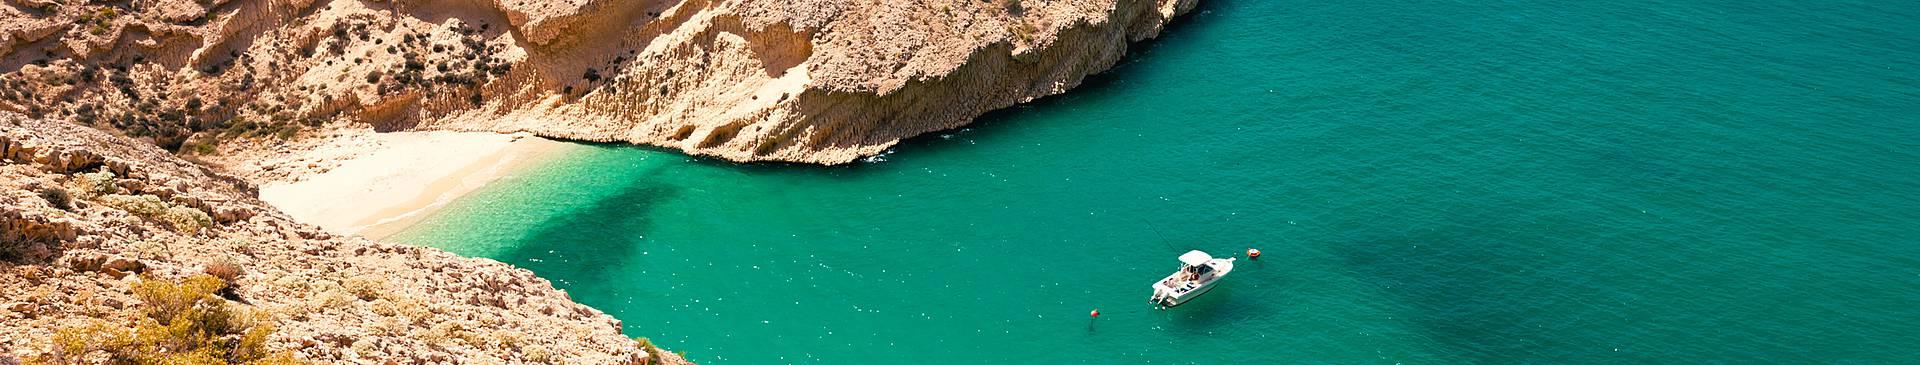 Strand und Meer Oman Reisen